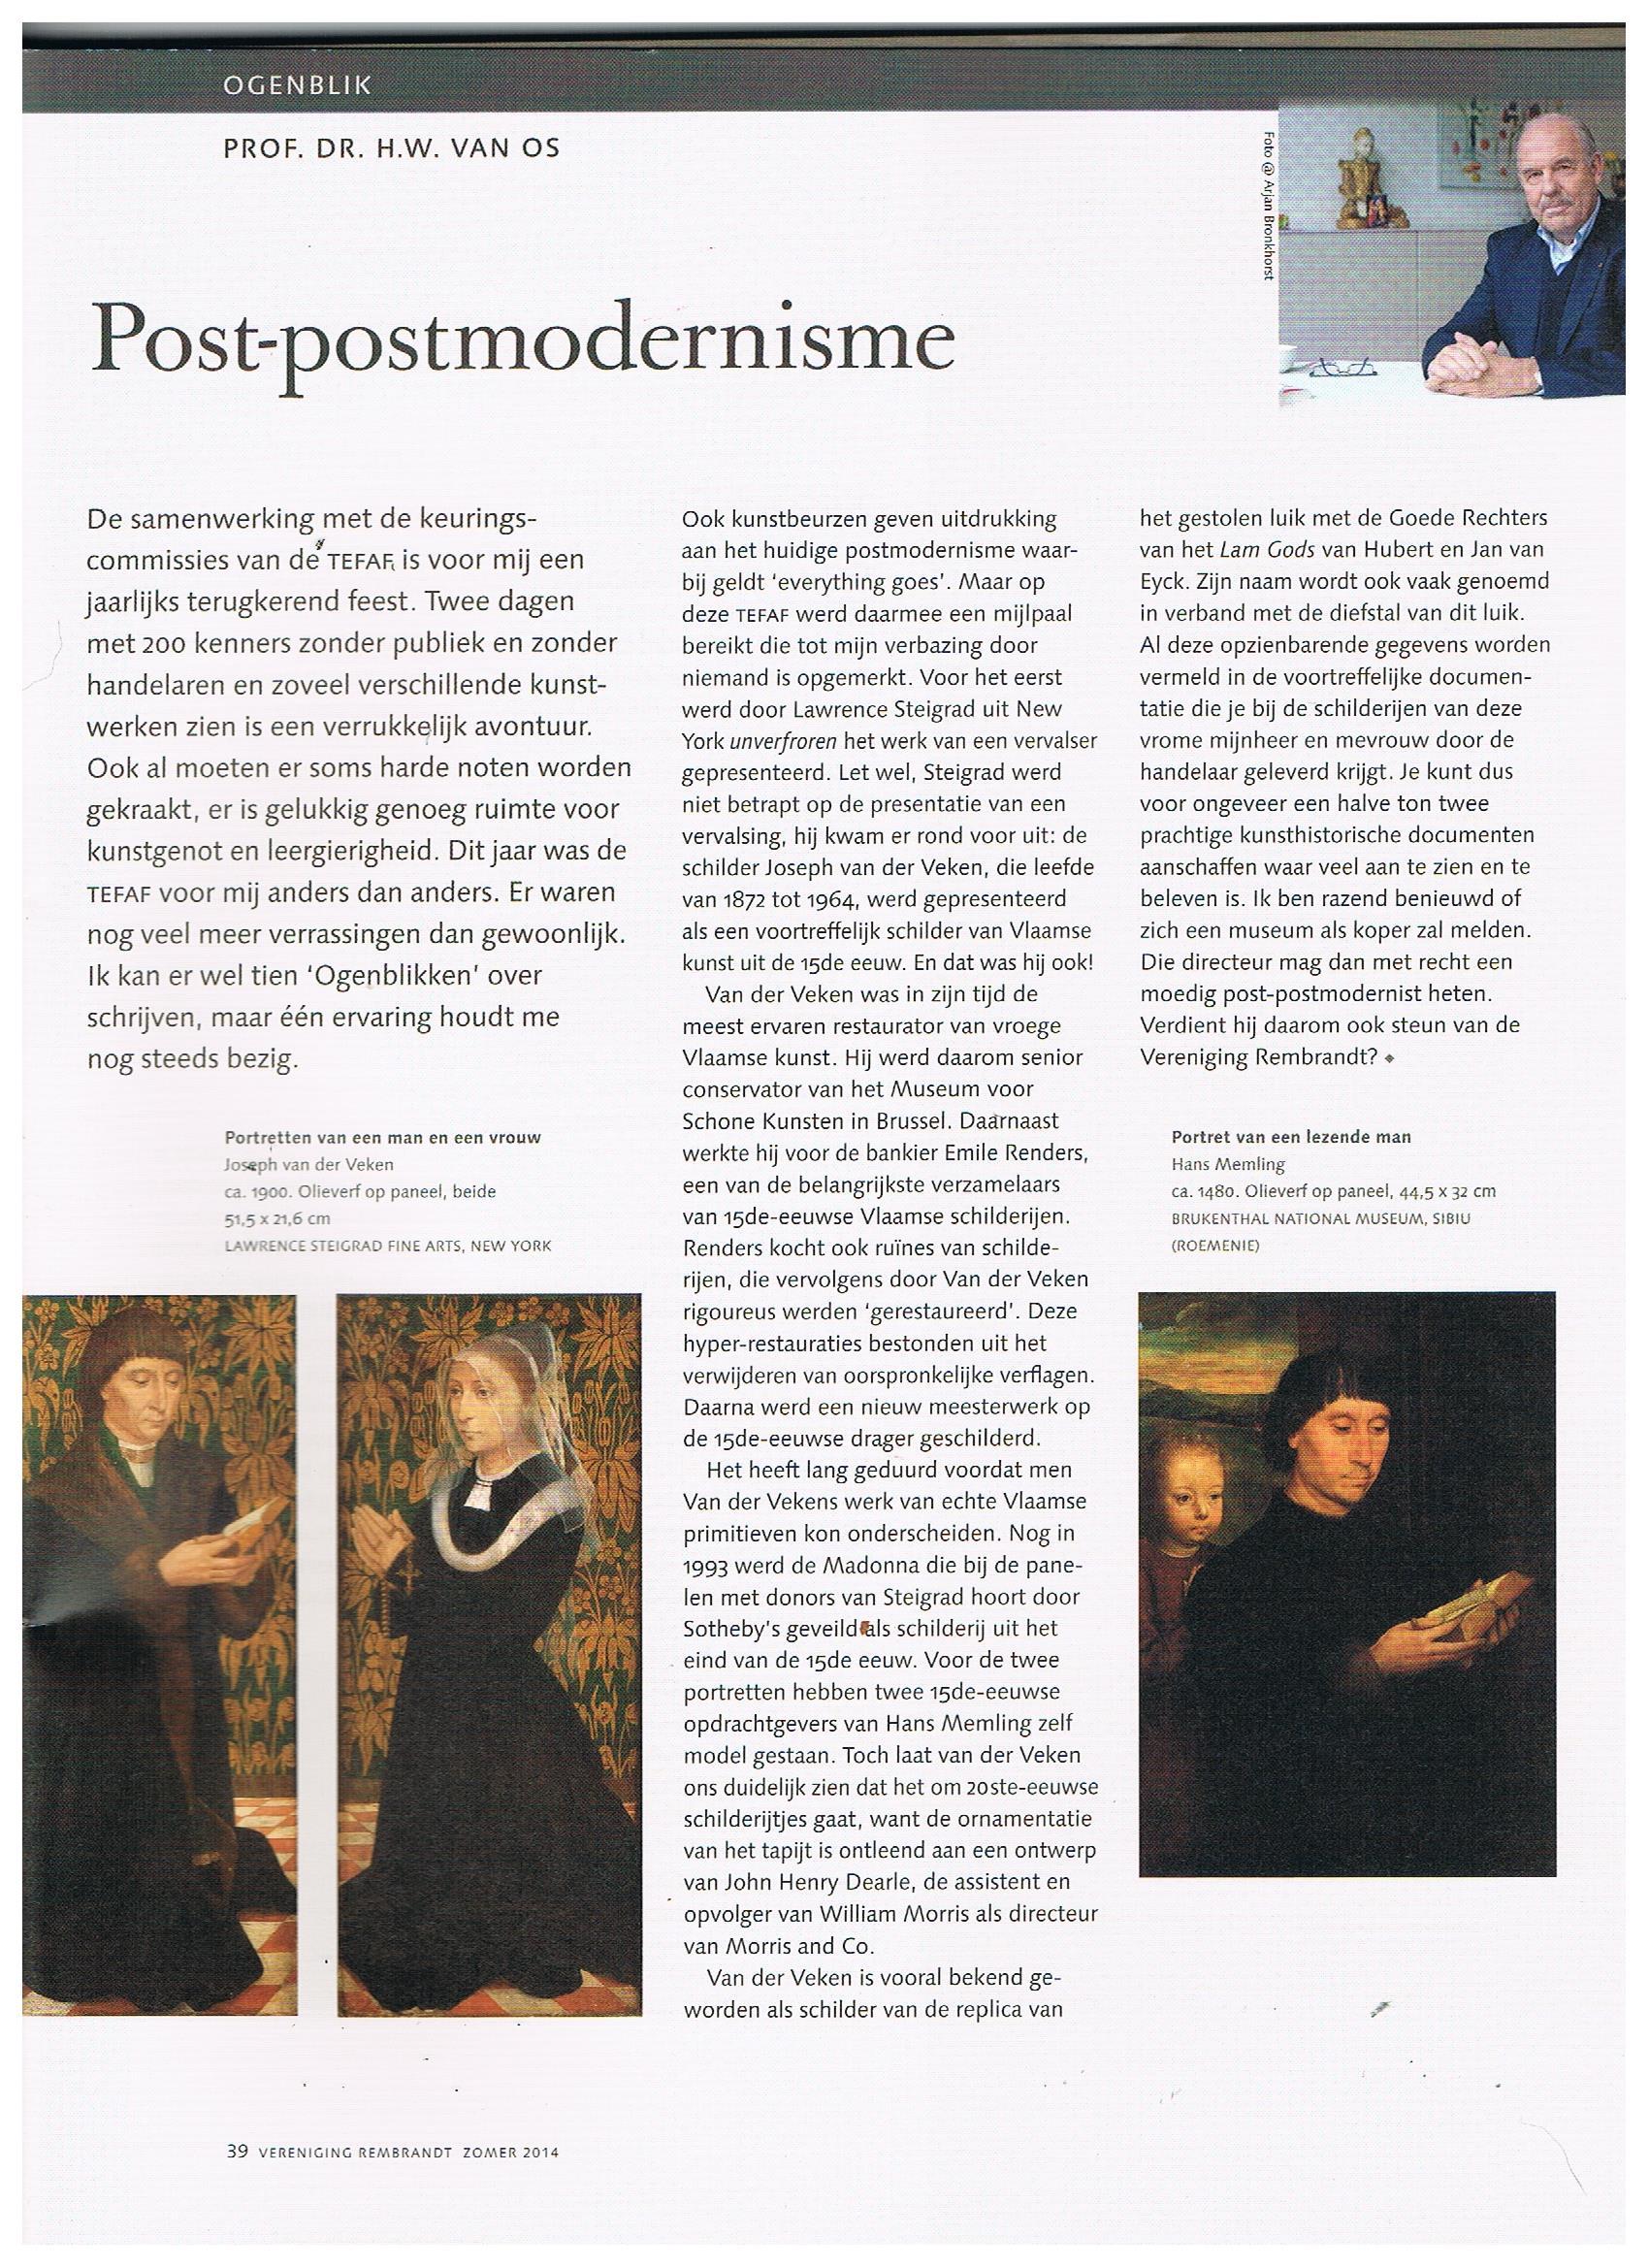 Veken Press 2.jpg